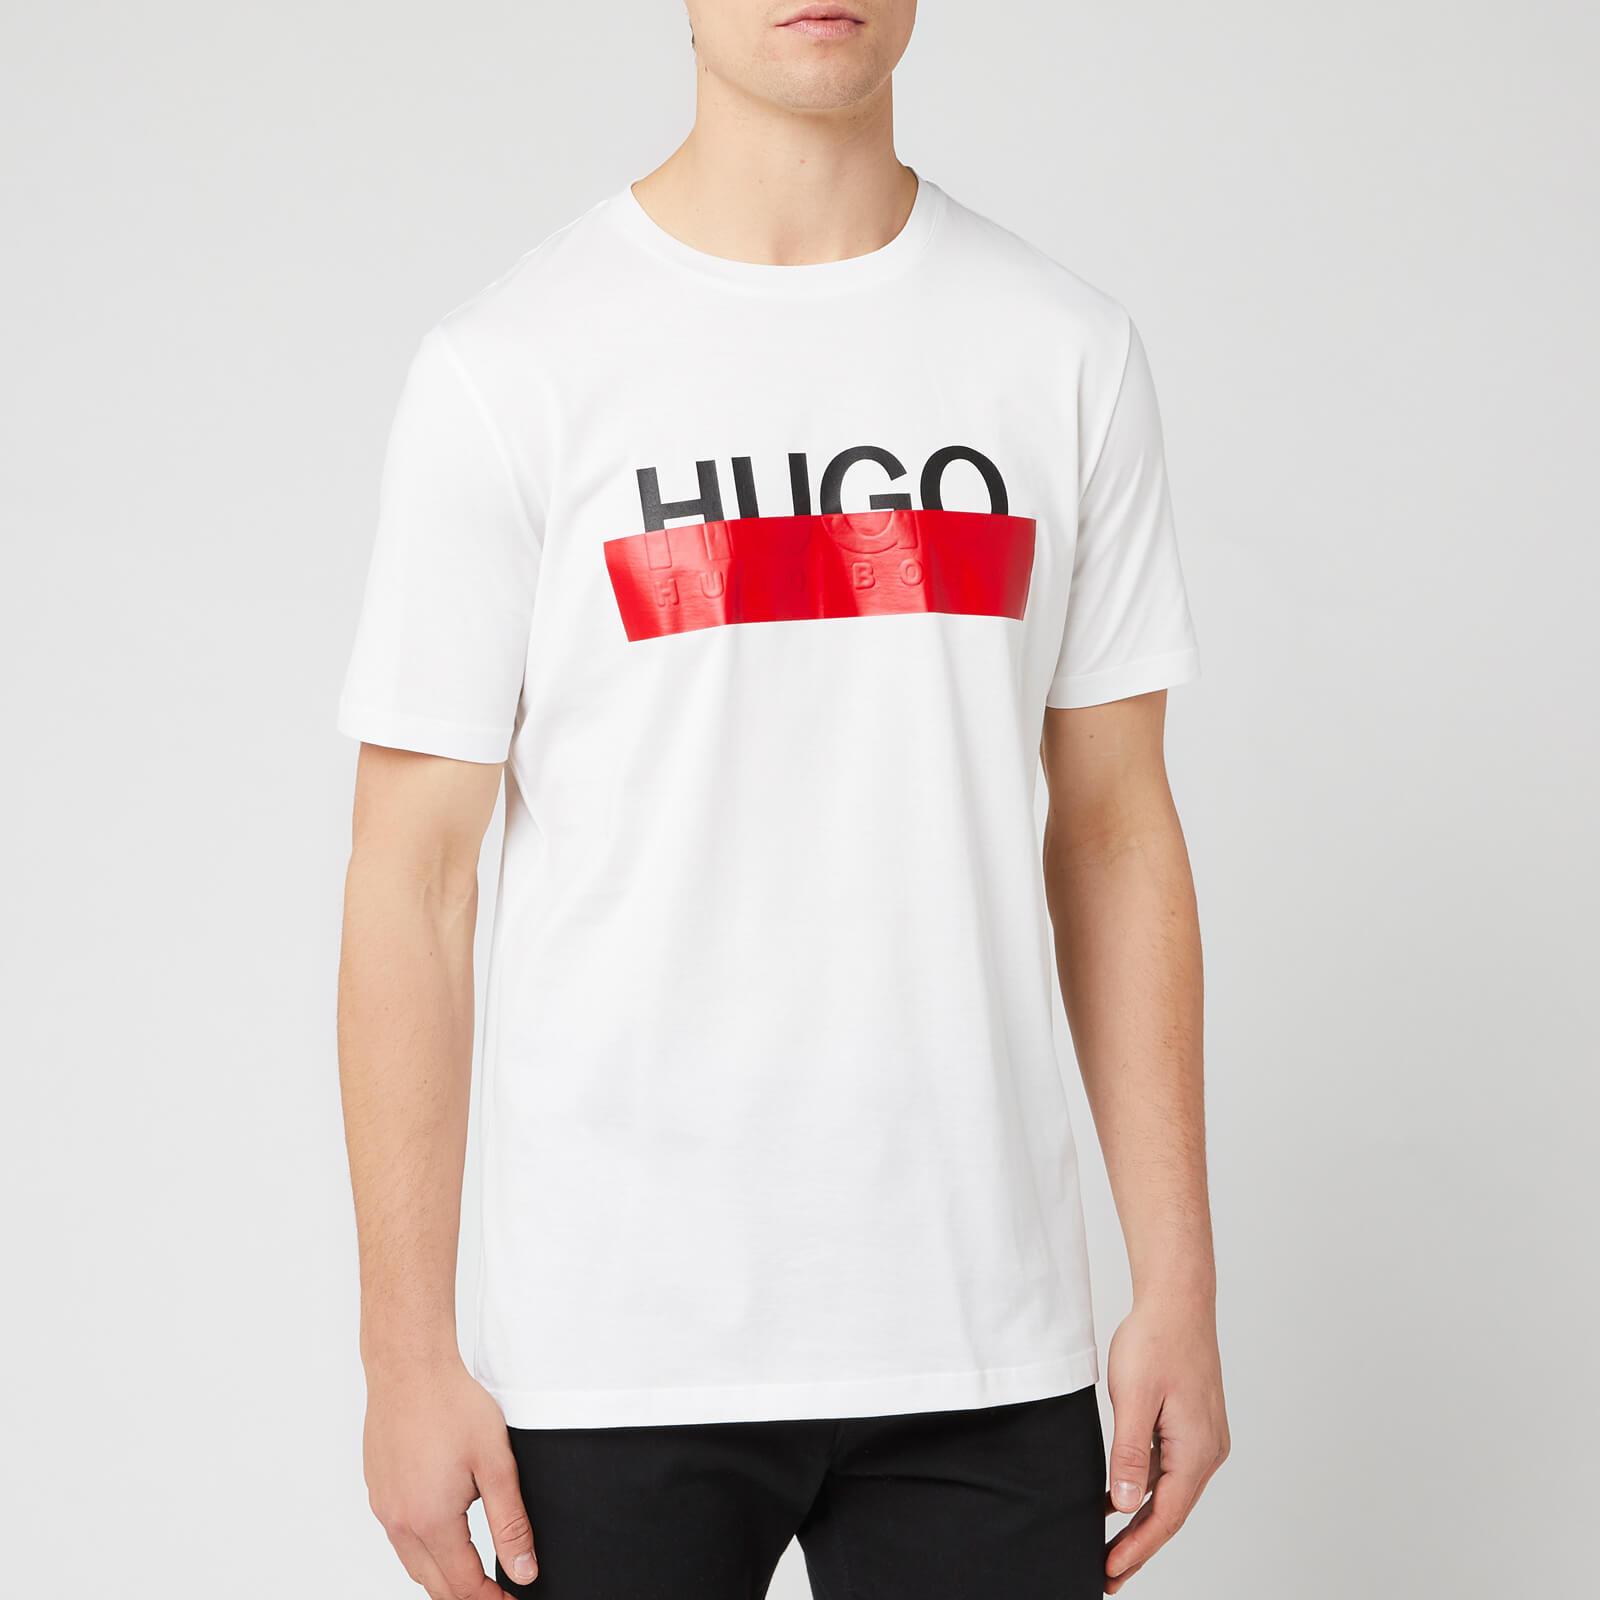 Hugo Boss Men's Dolive T-Shirt - White - M